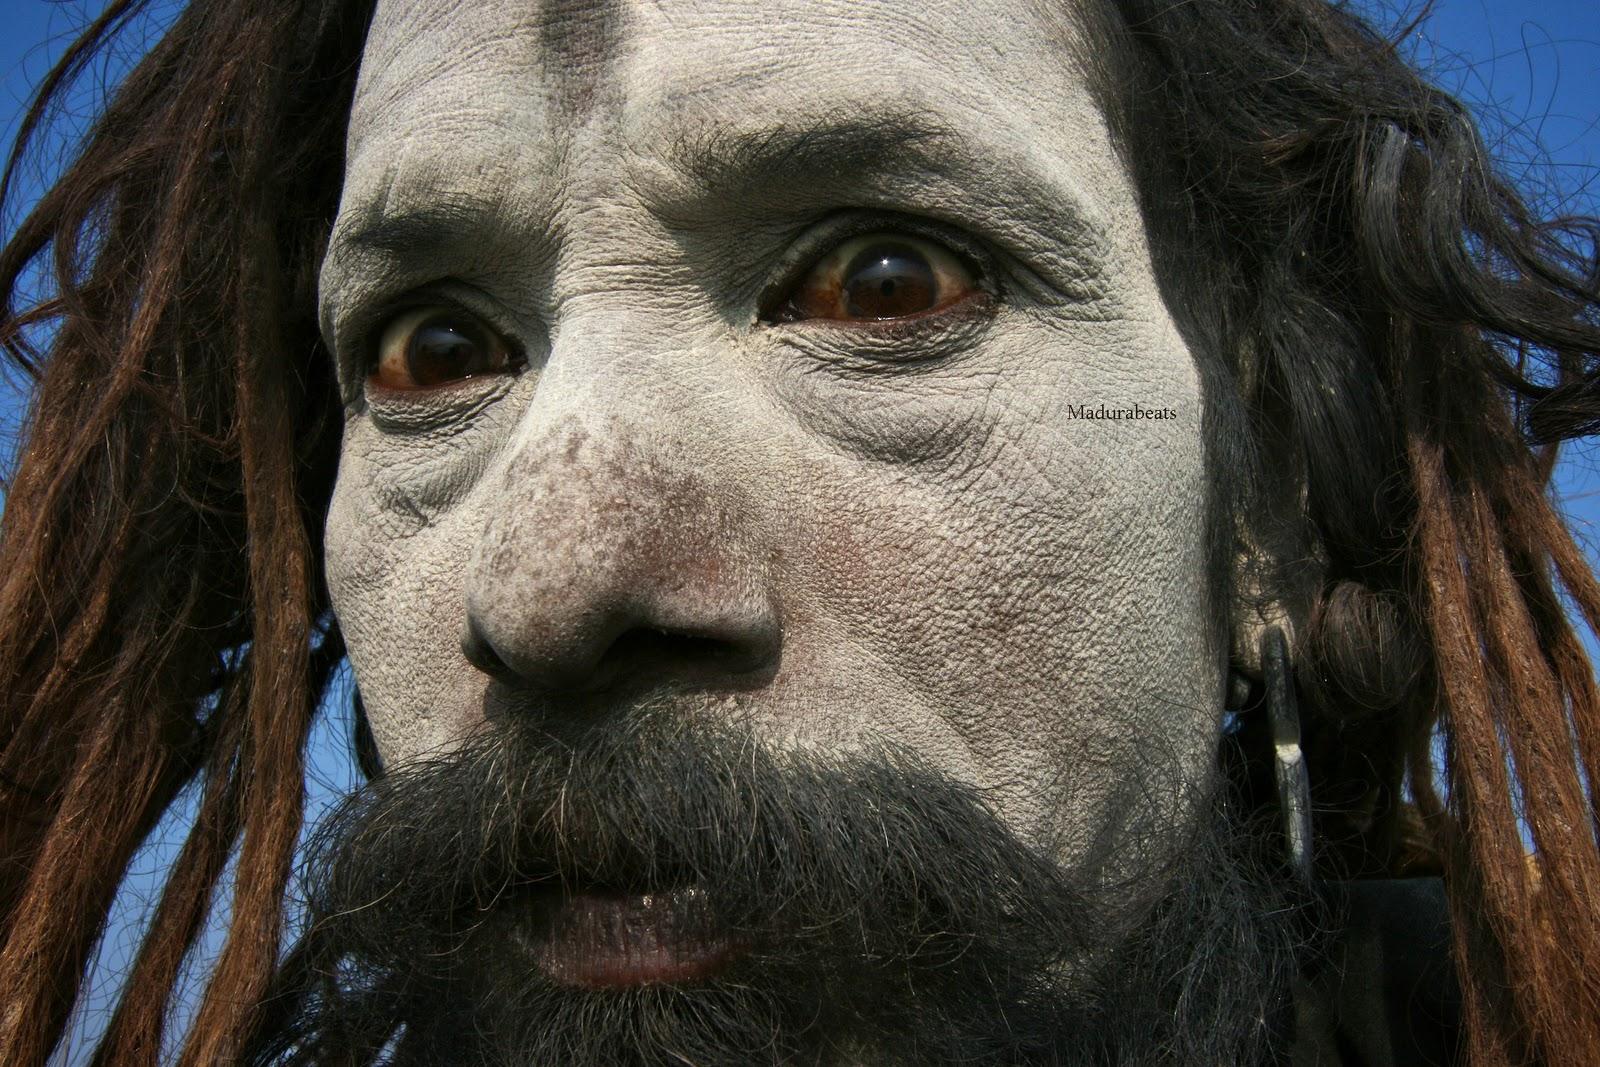 http://3.bp.blogspot.com/_z4BcYVnVAso/TP3ZhByFmOI/AAAAAAAAAsY/lUkswrZRFPc/s1600/Varanasi-holyman.jpg